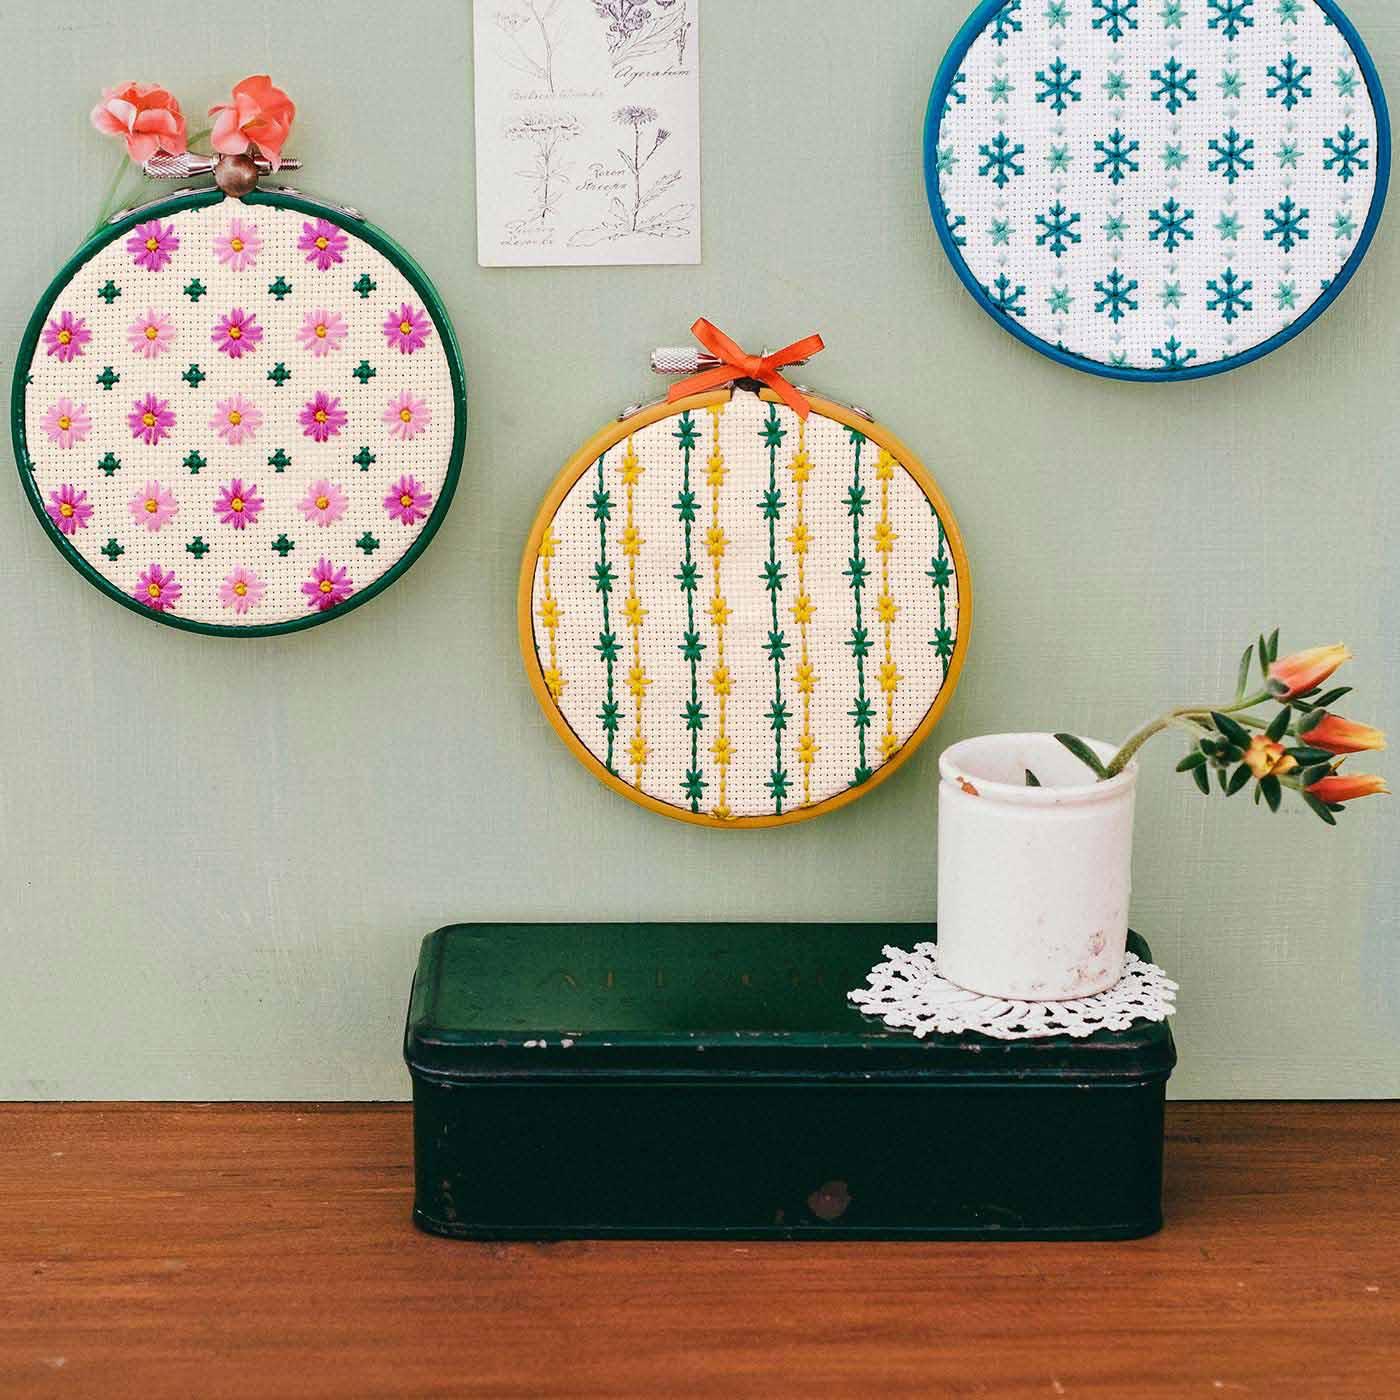 フレームに入れて、壁に並べて飾っても。